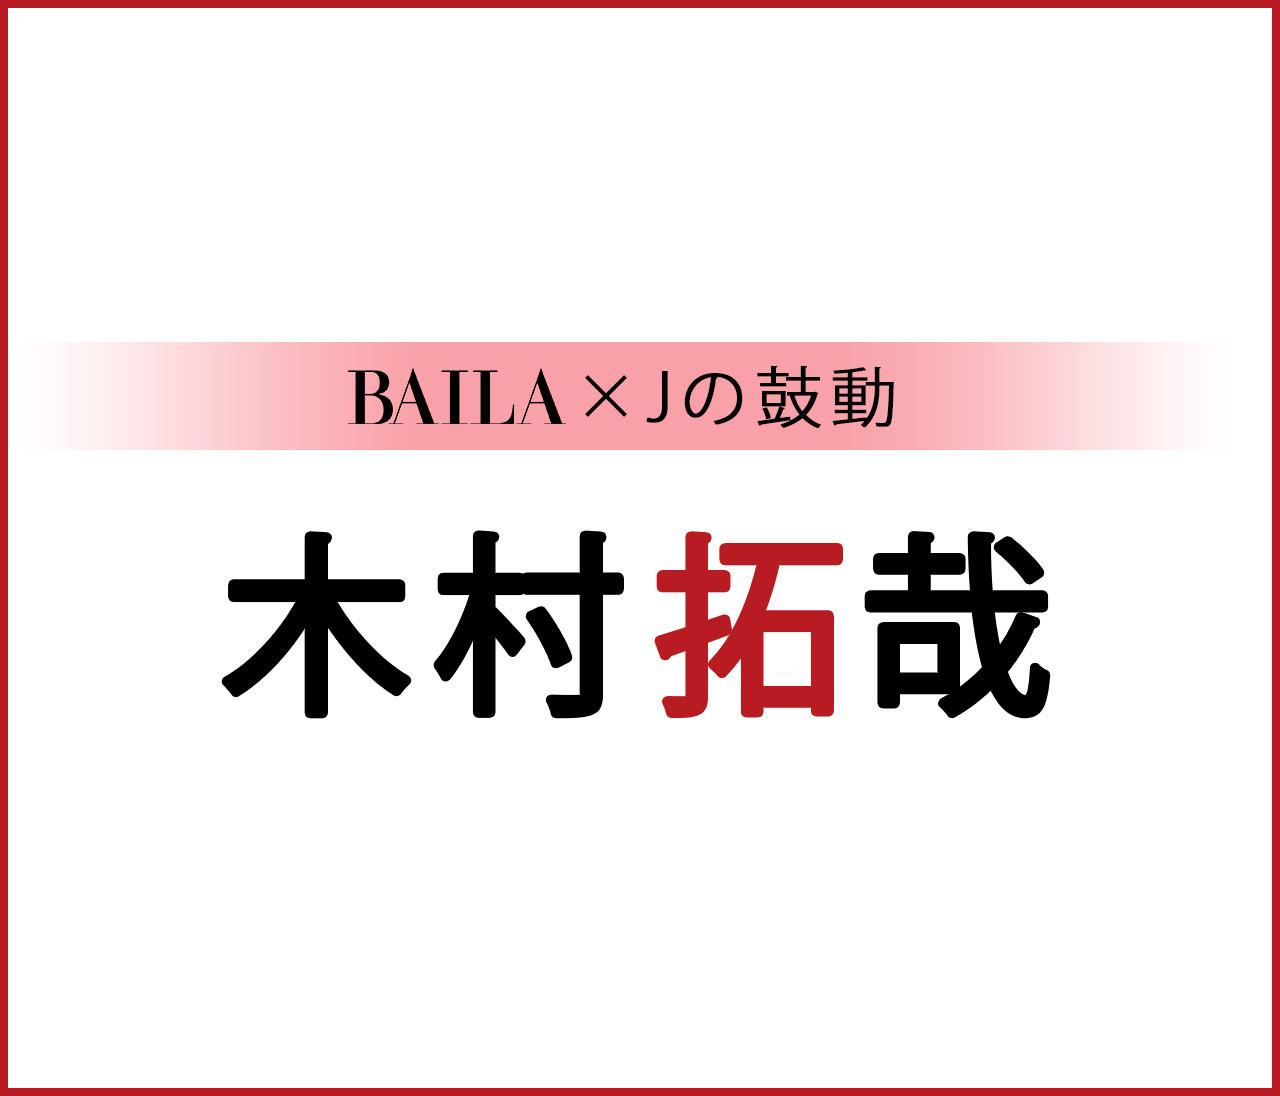 【木村拓哉】スペシャルインタビュー<まとめ>【BAILA × Jの鼓動】